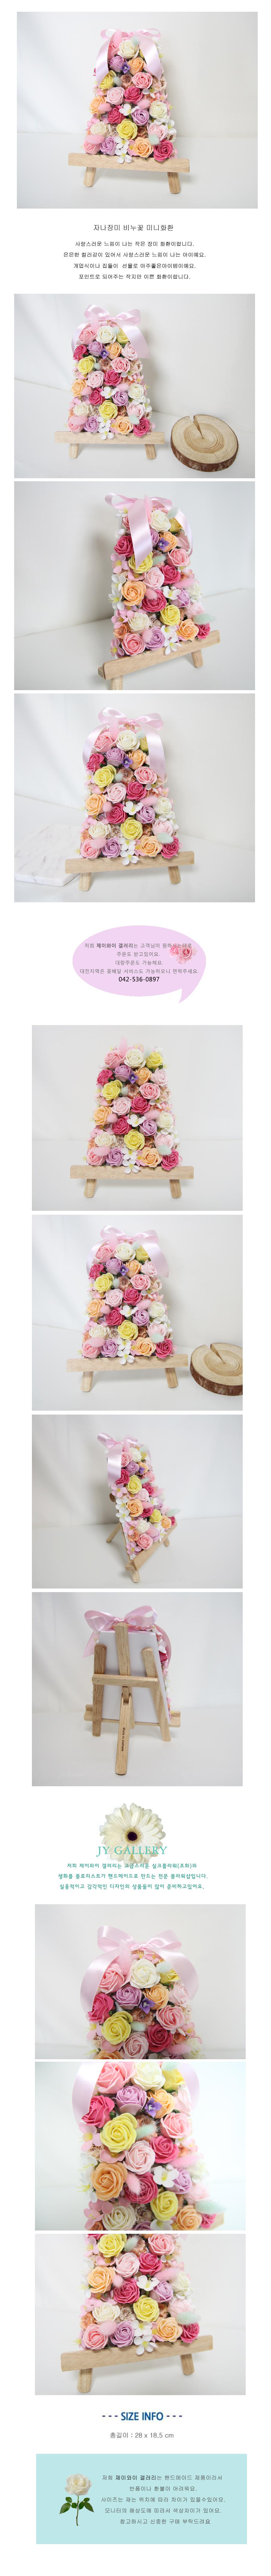 자나장미 비누꽃 미니화환 - 제이와이갤러리, 39,900원, 조화, 비누꽃